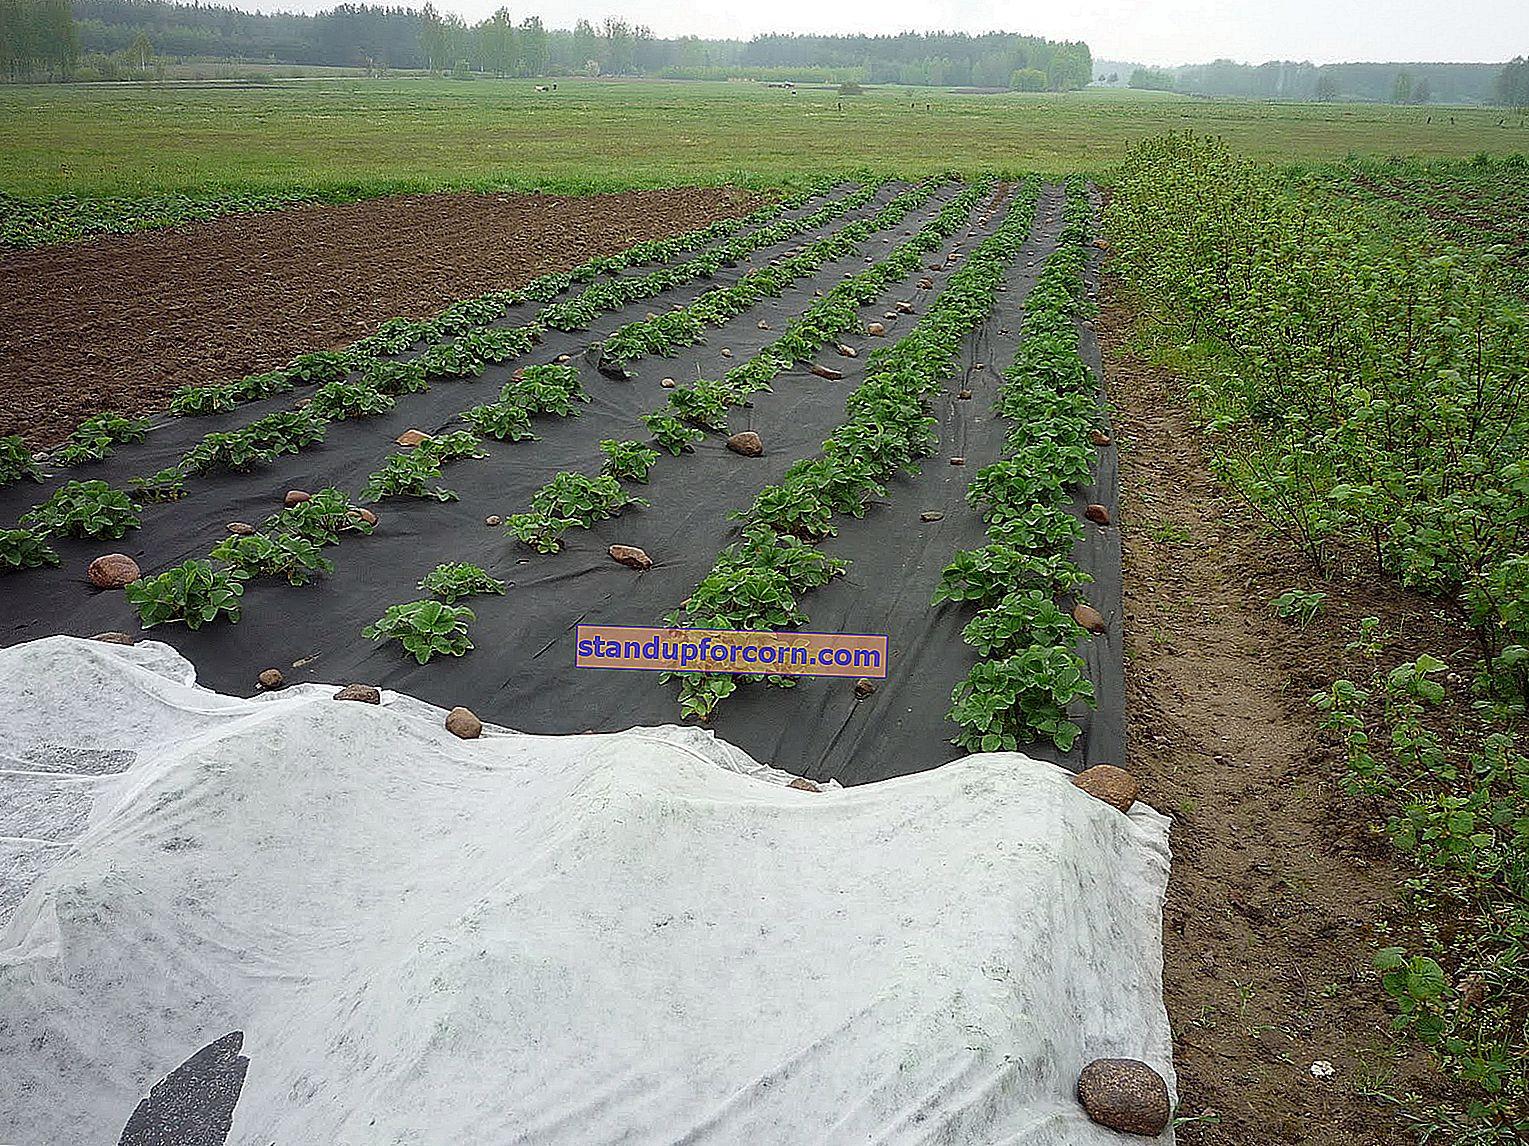 Sådan plantes jordbær på agrotextile